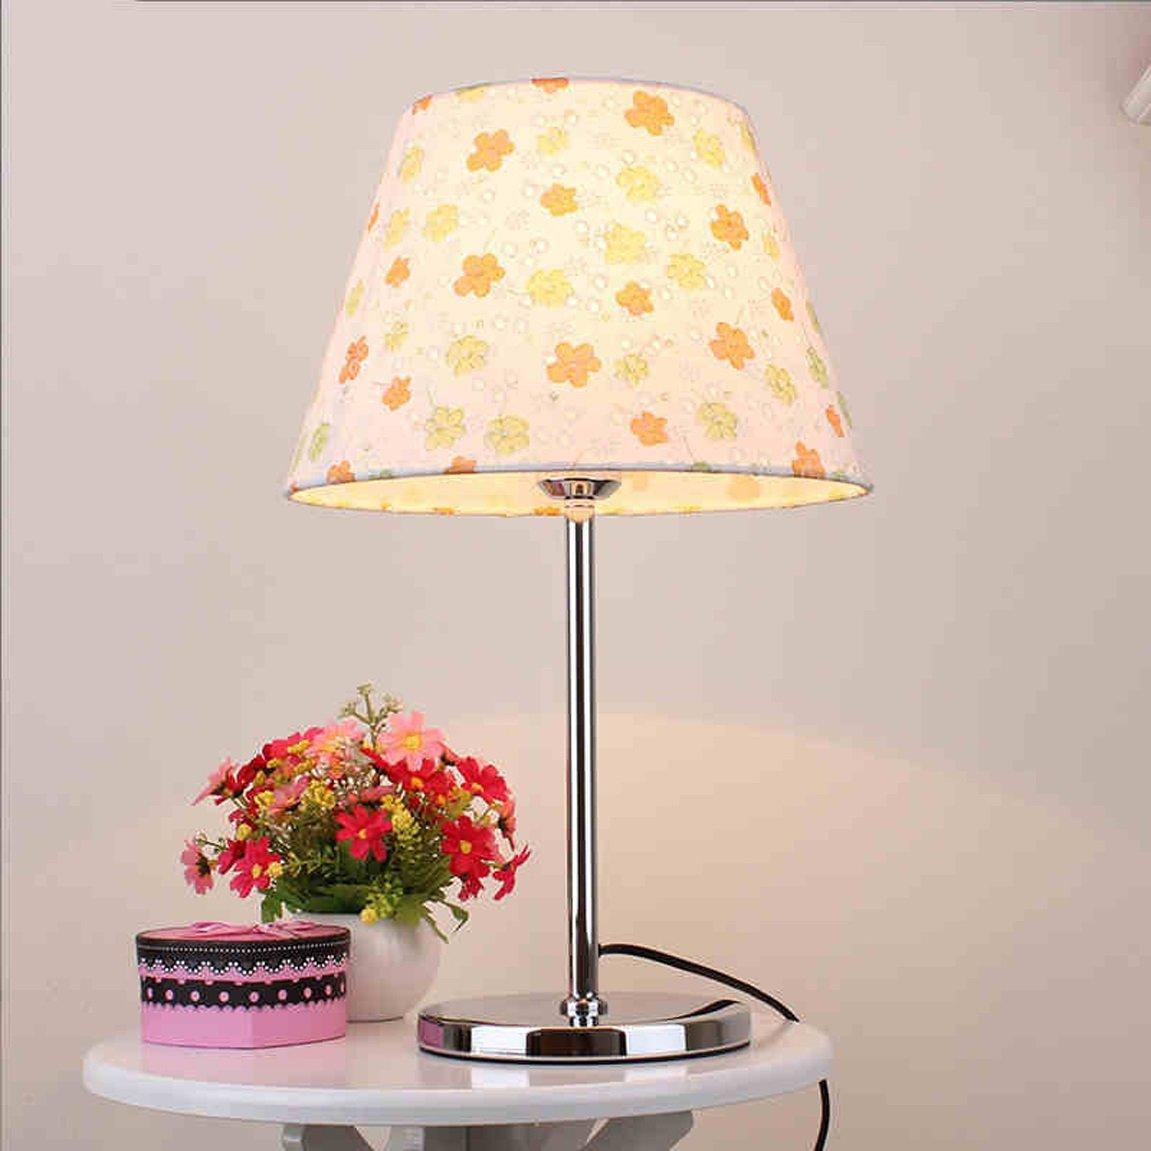 505 HZB Moderne einfache Nachttischlampe, Garten-Stil, Gästeschlafzimmer, Schreibtischlampe.